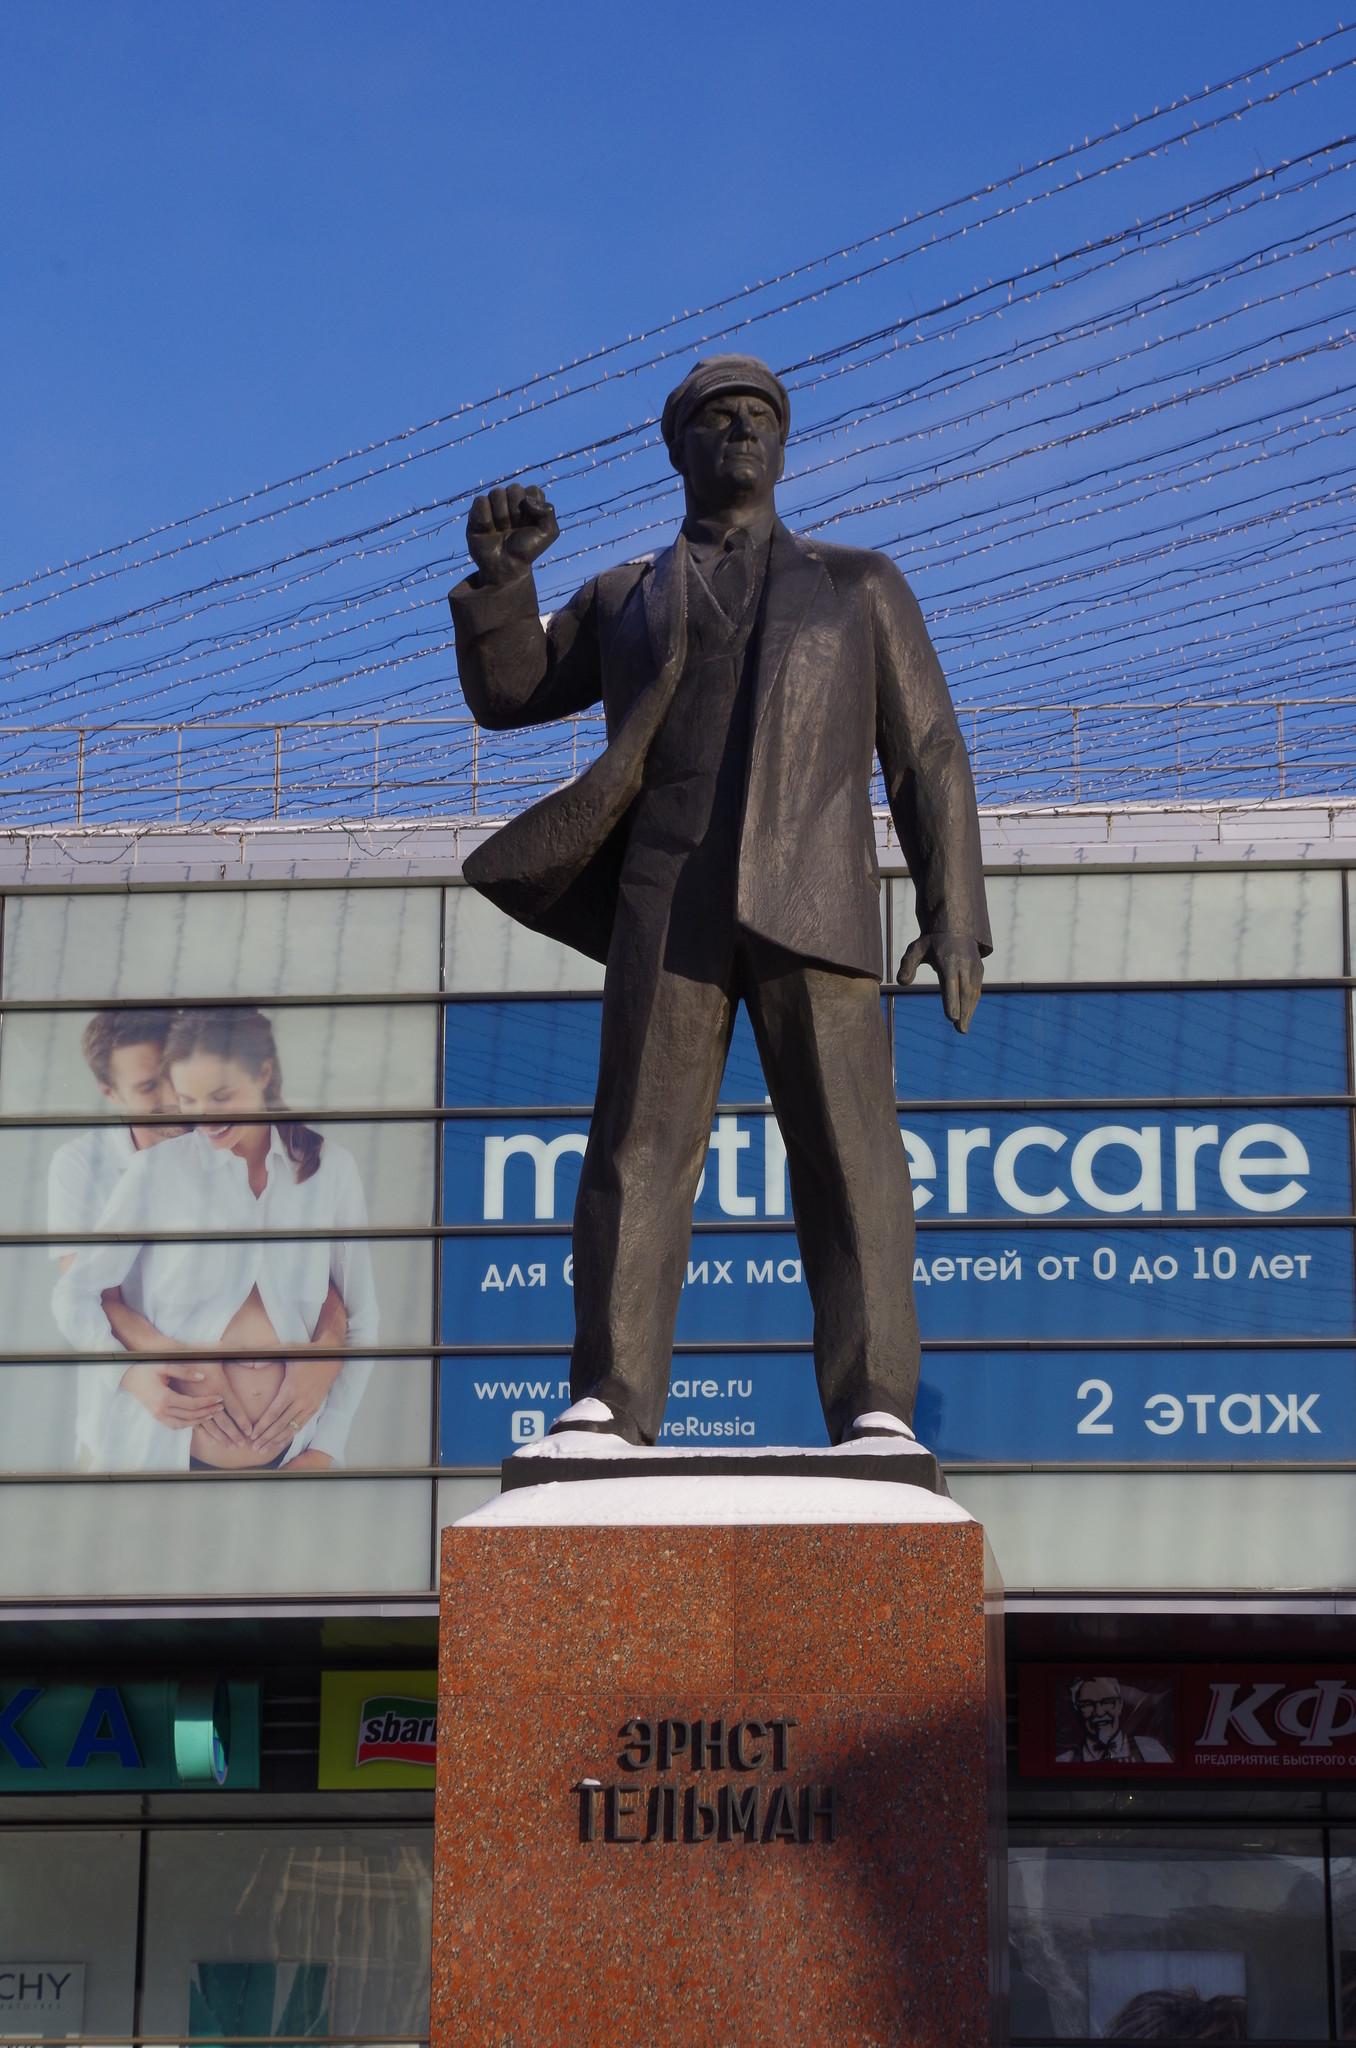 Авторы памятника Эрнсту Тельману - скульпторы Владимир Алексеевич и Валентин Алексеевич Артамоновы, а также архитектор В.А. Нестеров